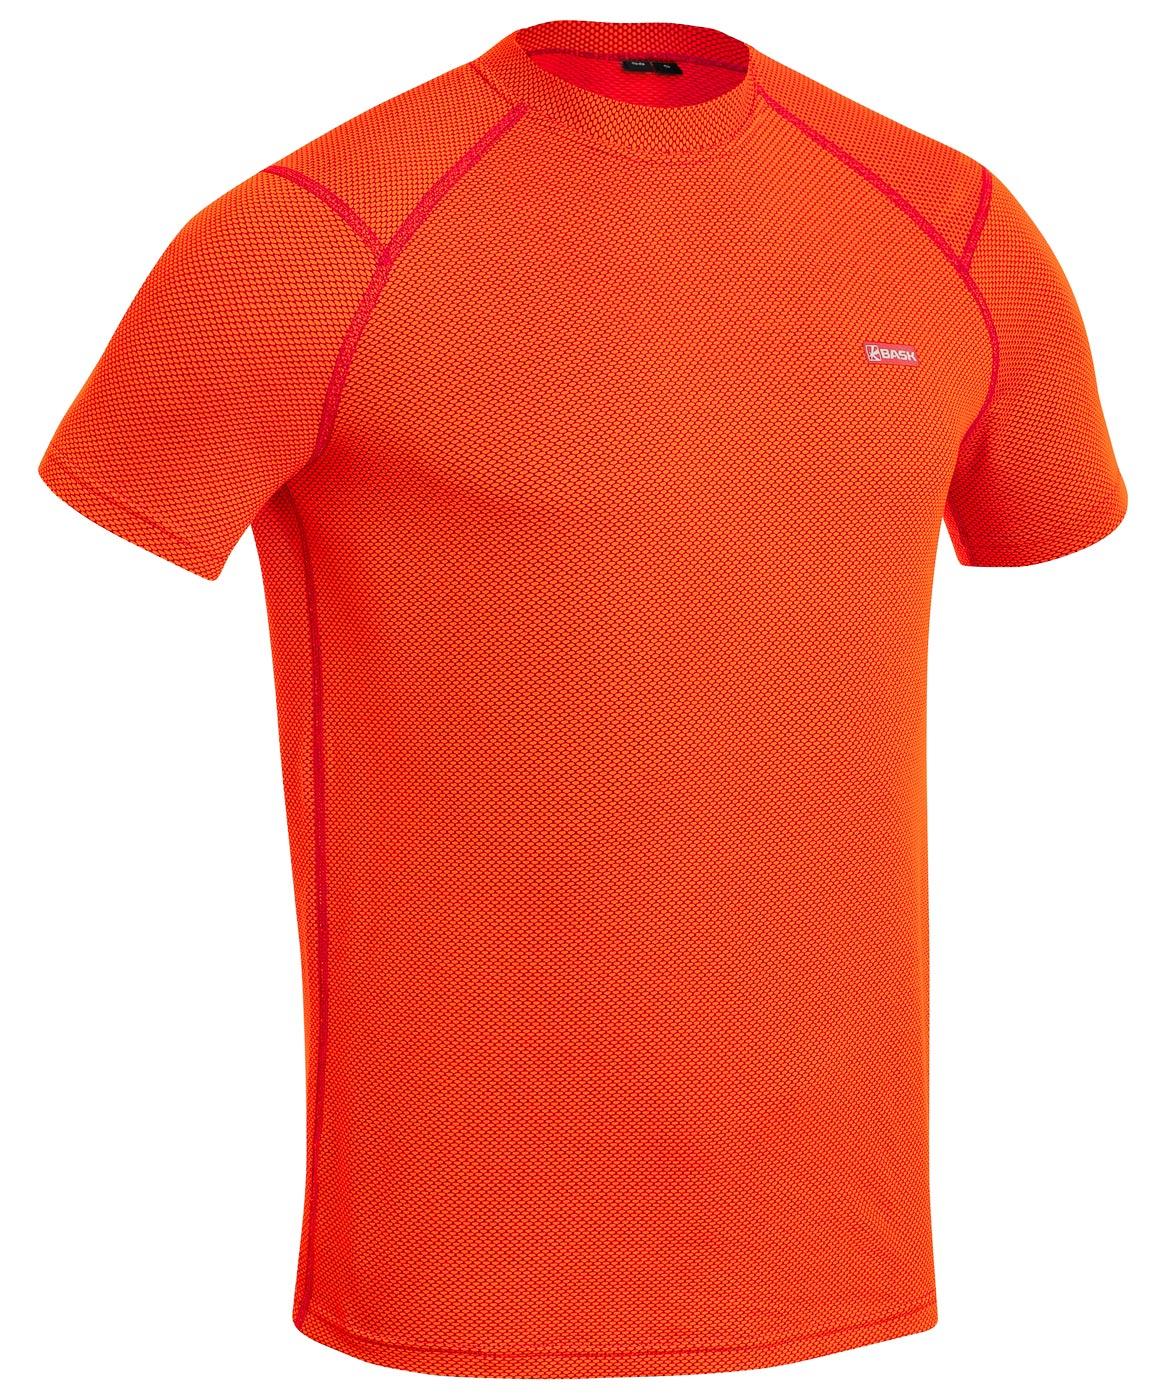 Купить Термобелье футболка BASK NAMIB оранжевая, Компания БАСК